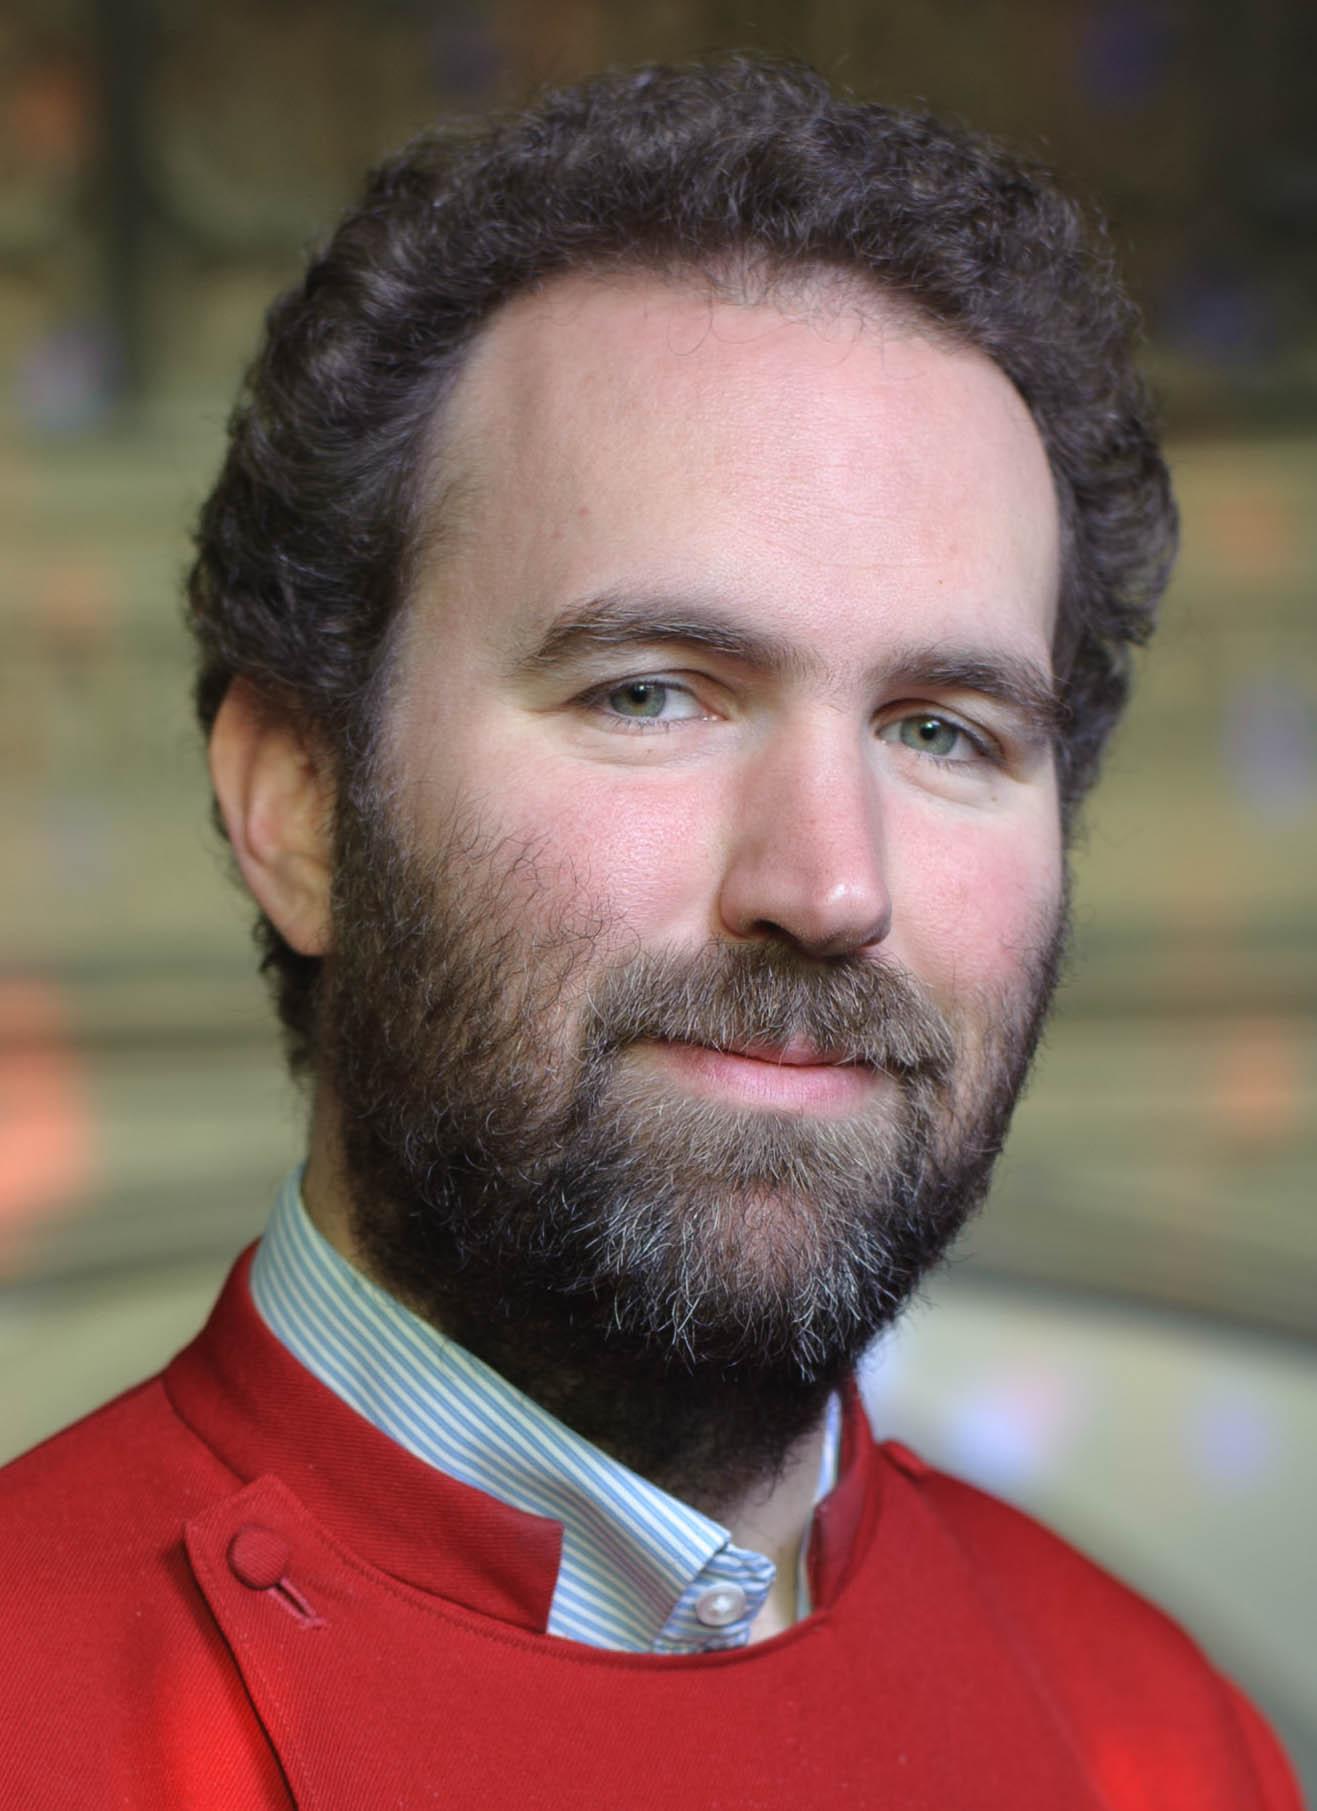 David Gostick